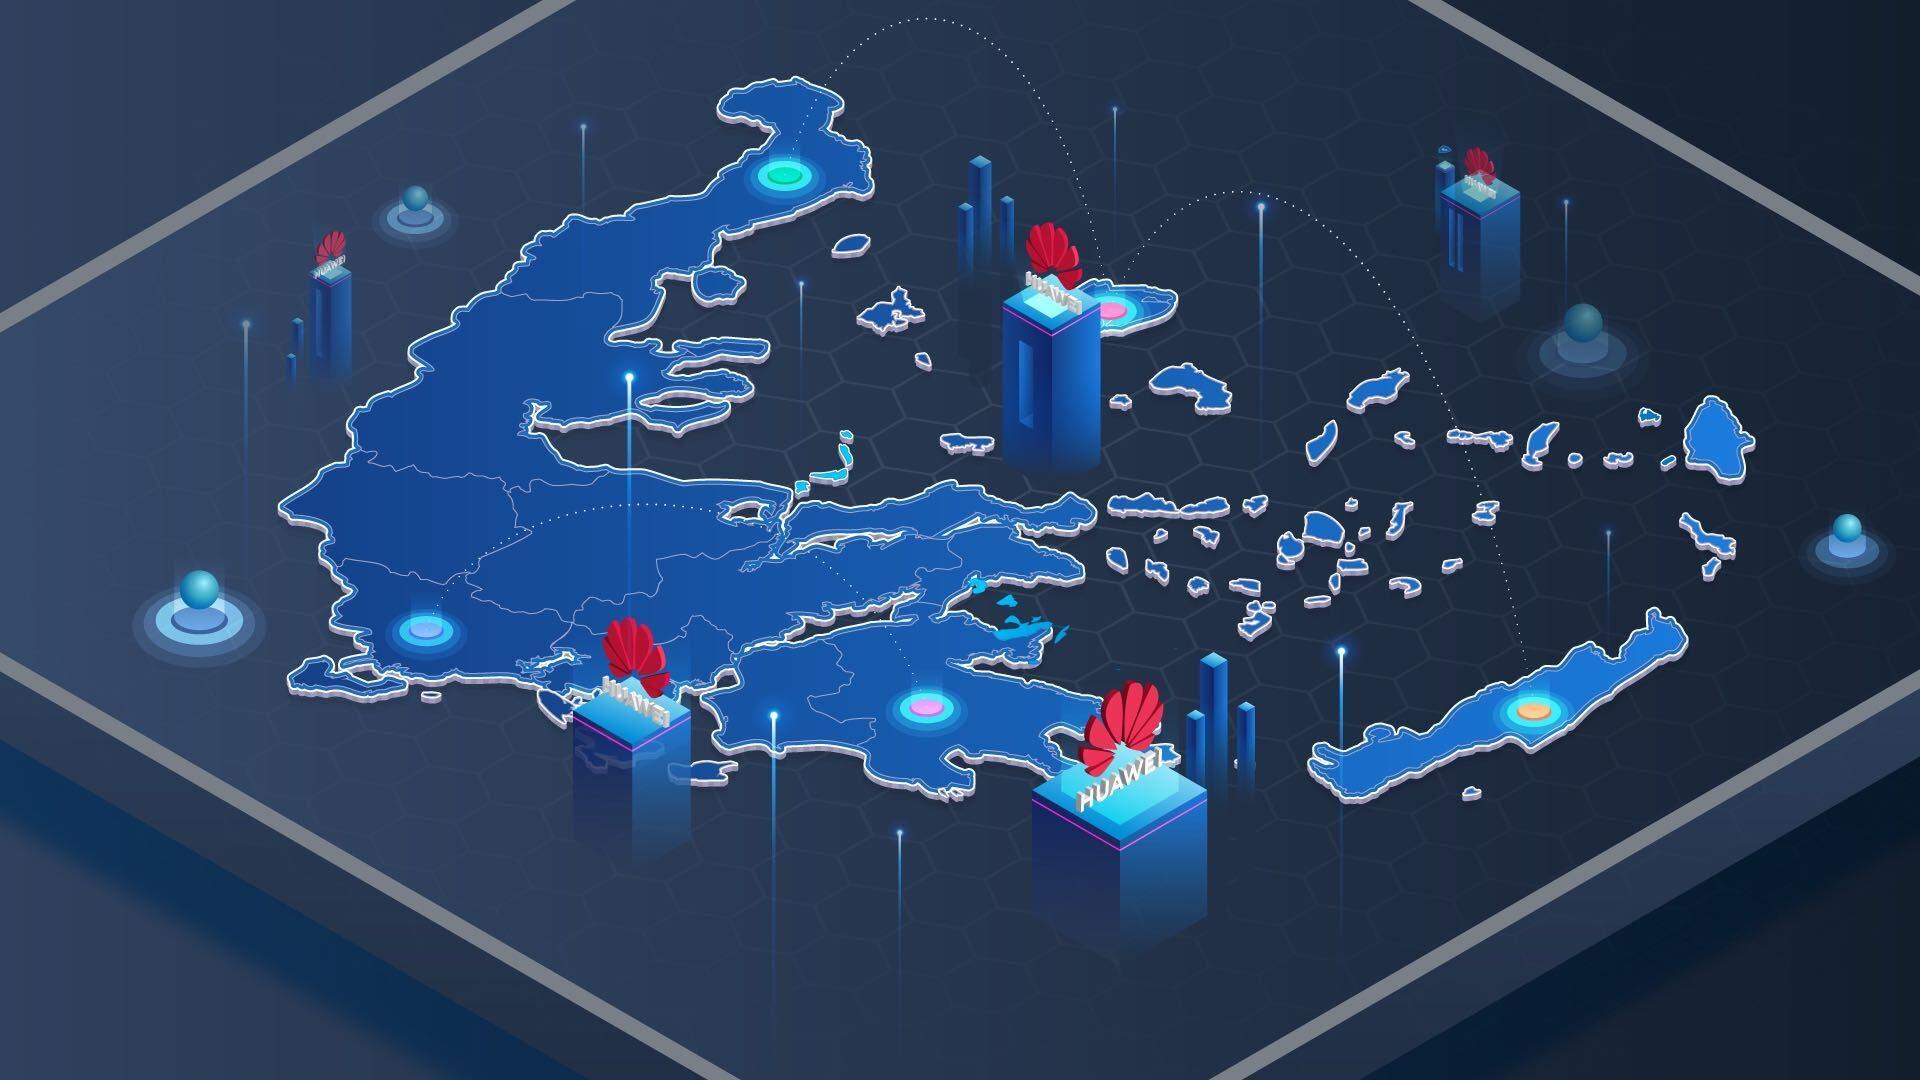 How Snowden shaped EU's approach to Huawei · TechNode